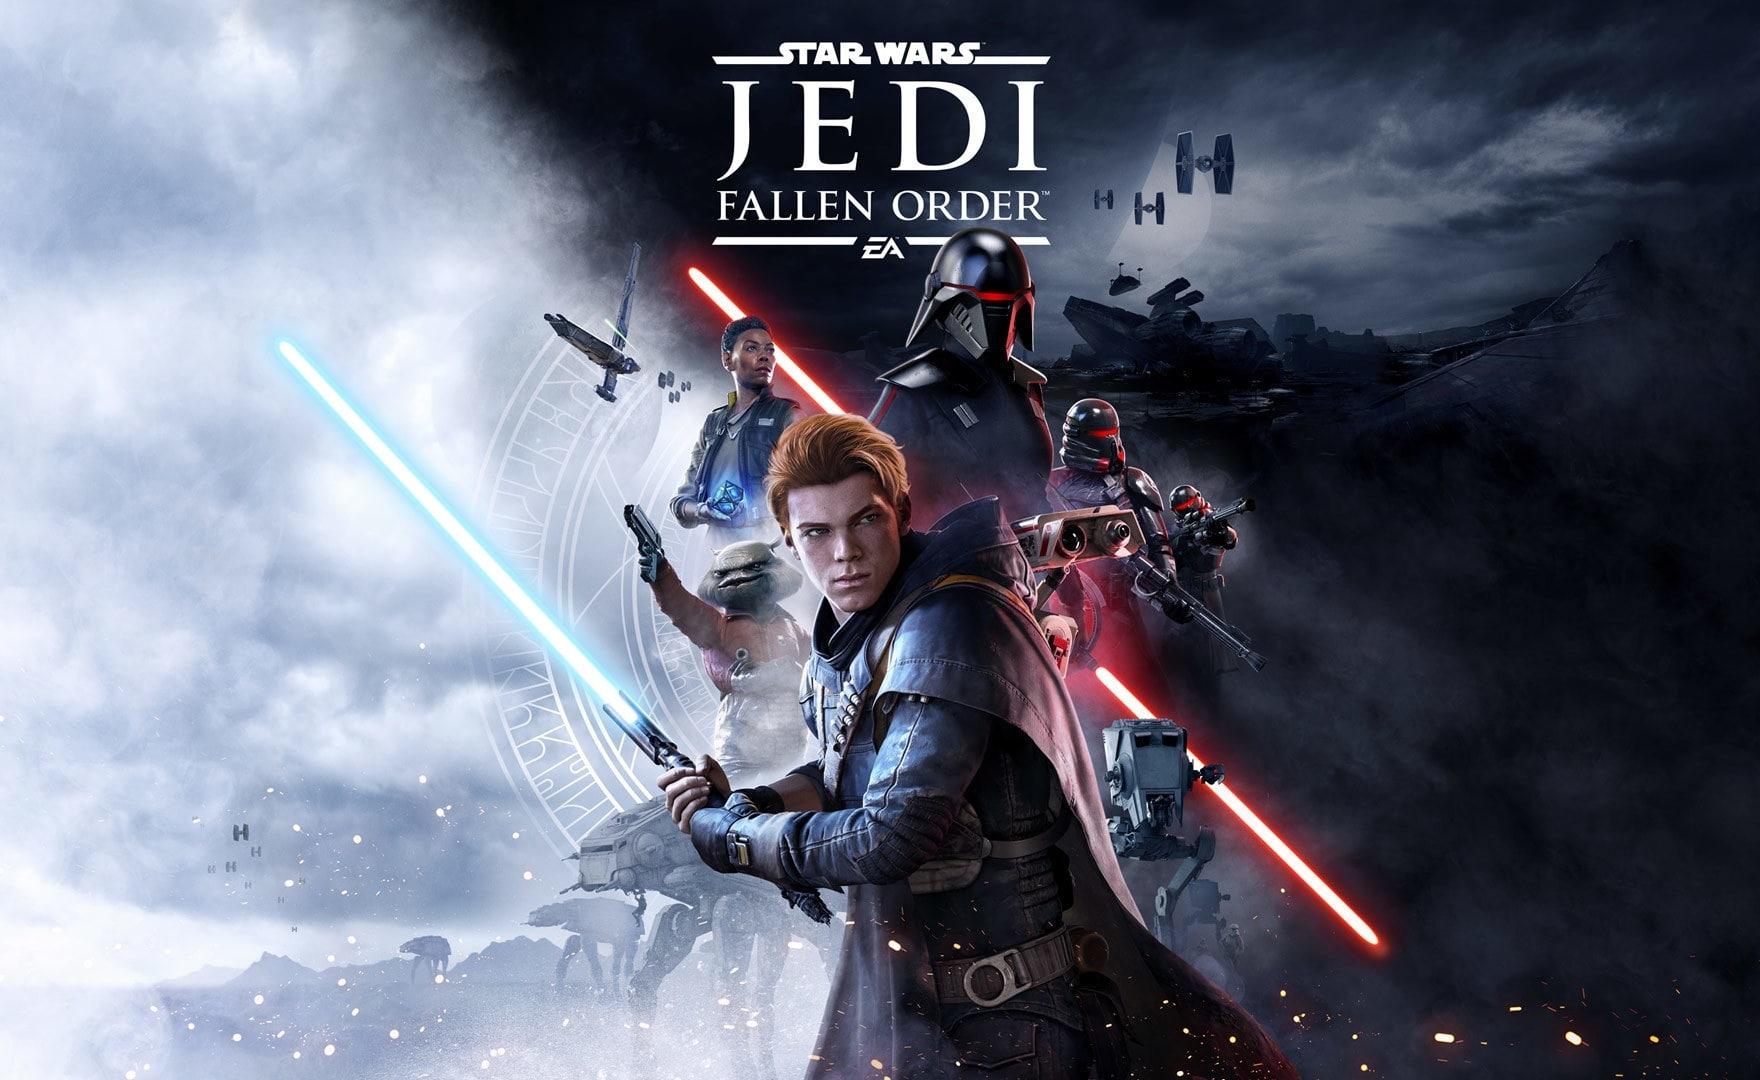 Star Wars Jedi Fallen Order, le differenze tra Xbox One e Xbox One x sono decisamente evidenti